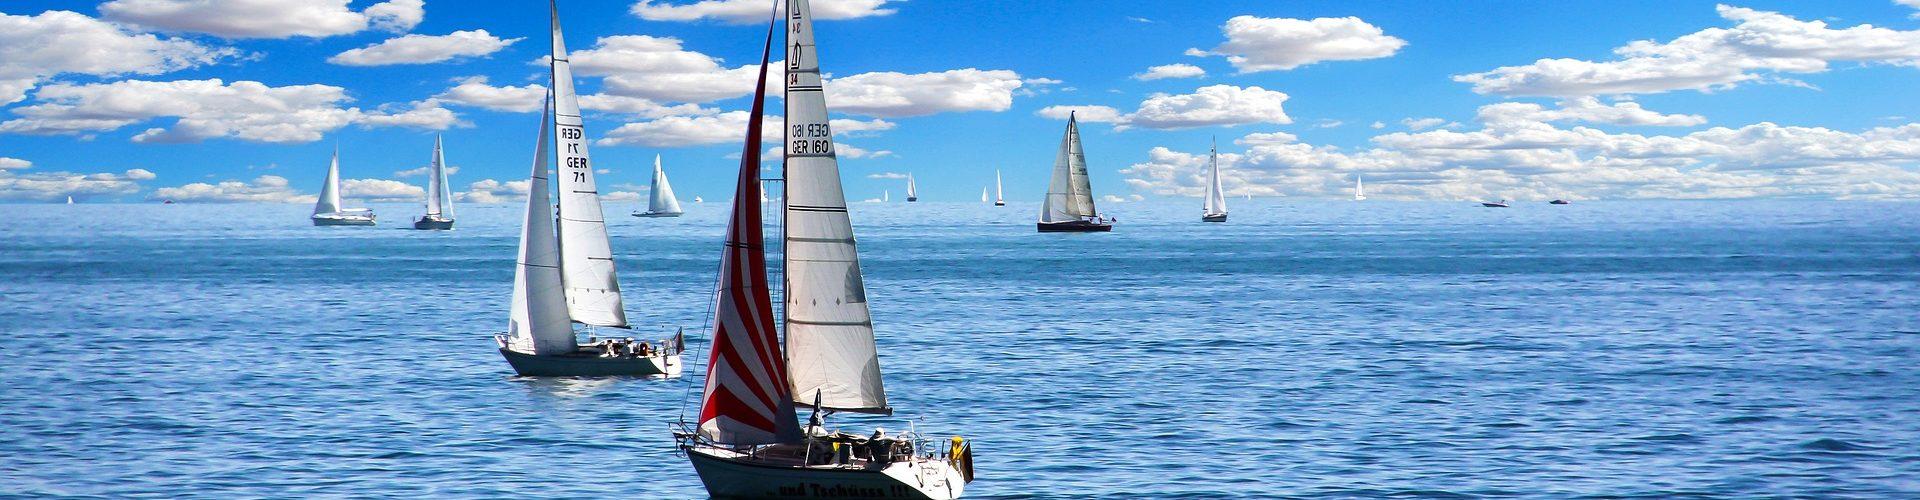 segeln lernen in Zislow segelschein machen in Zislow 1920x500 - Segeln lernen in Zislow